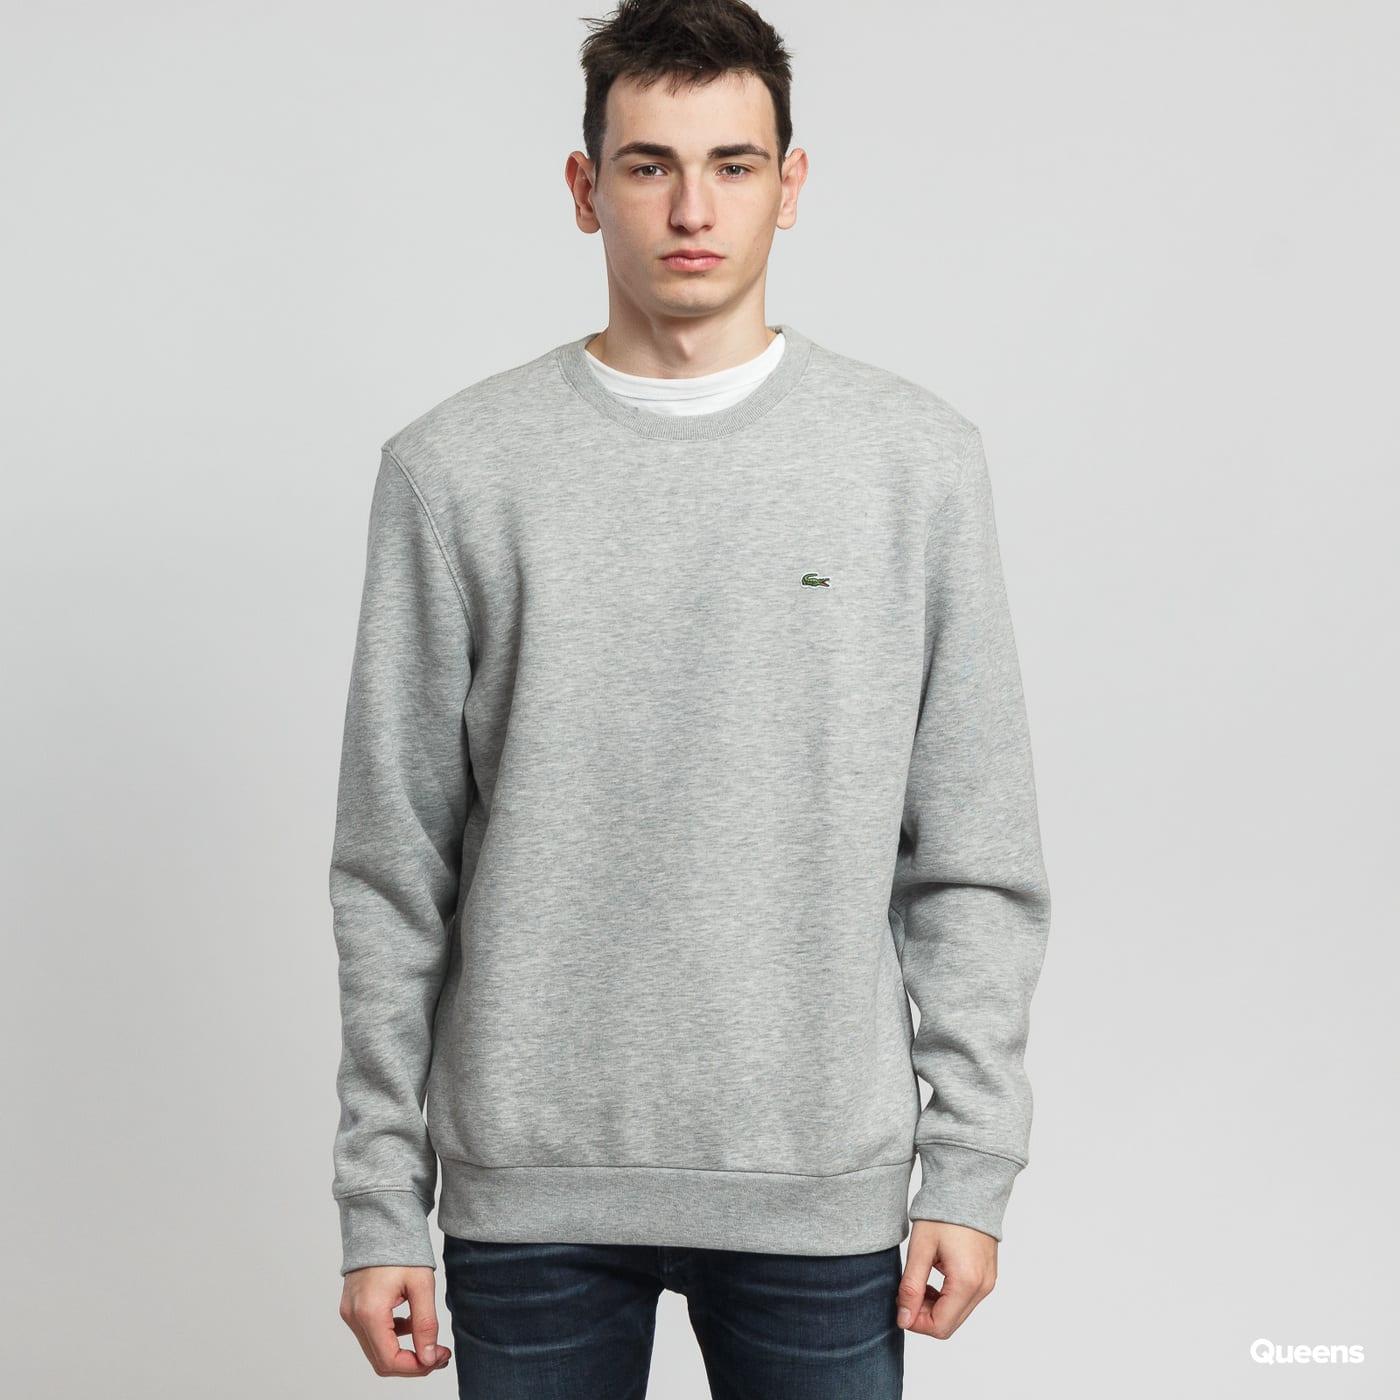 4f4fd70afa6 Mikina LACOSTE Crew Neck Cotton Fleece Sweatshirt (SH9203) – Queens 💚